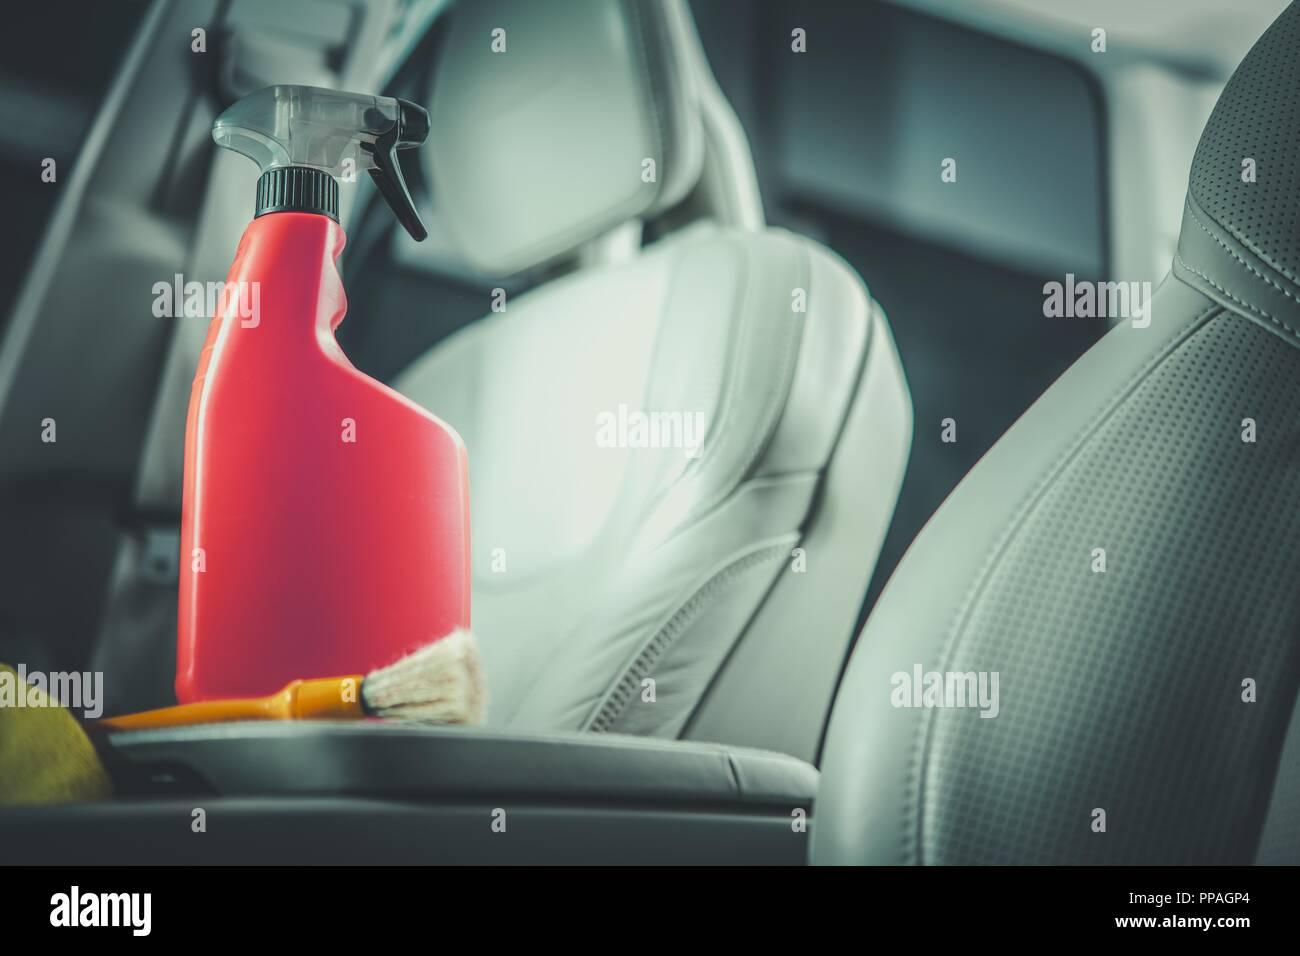 2384e3fbdac1c Auto Leder Reinigung Reinigungsmittel im Orange Rot Flasche. Modernes  Fahrzeug Innenausstattung mit hellen Leder Veredelung